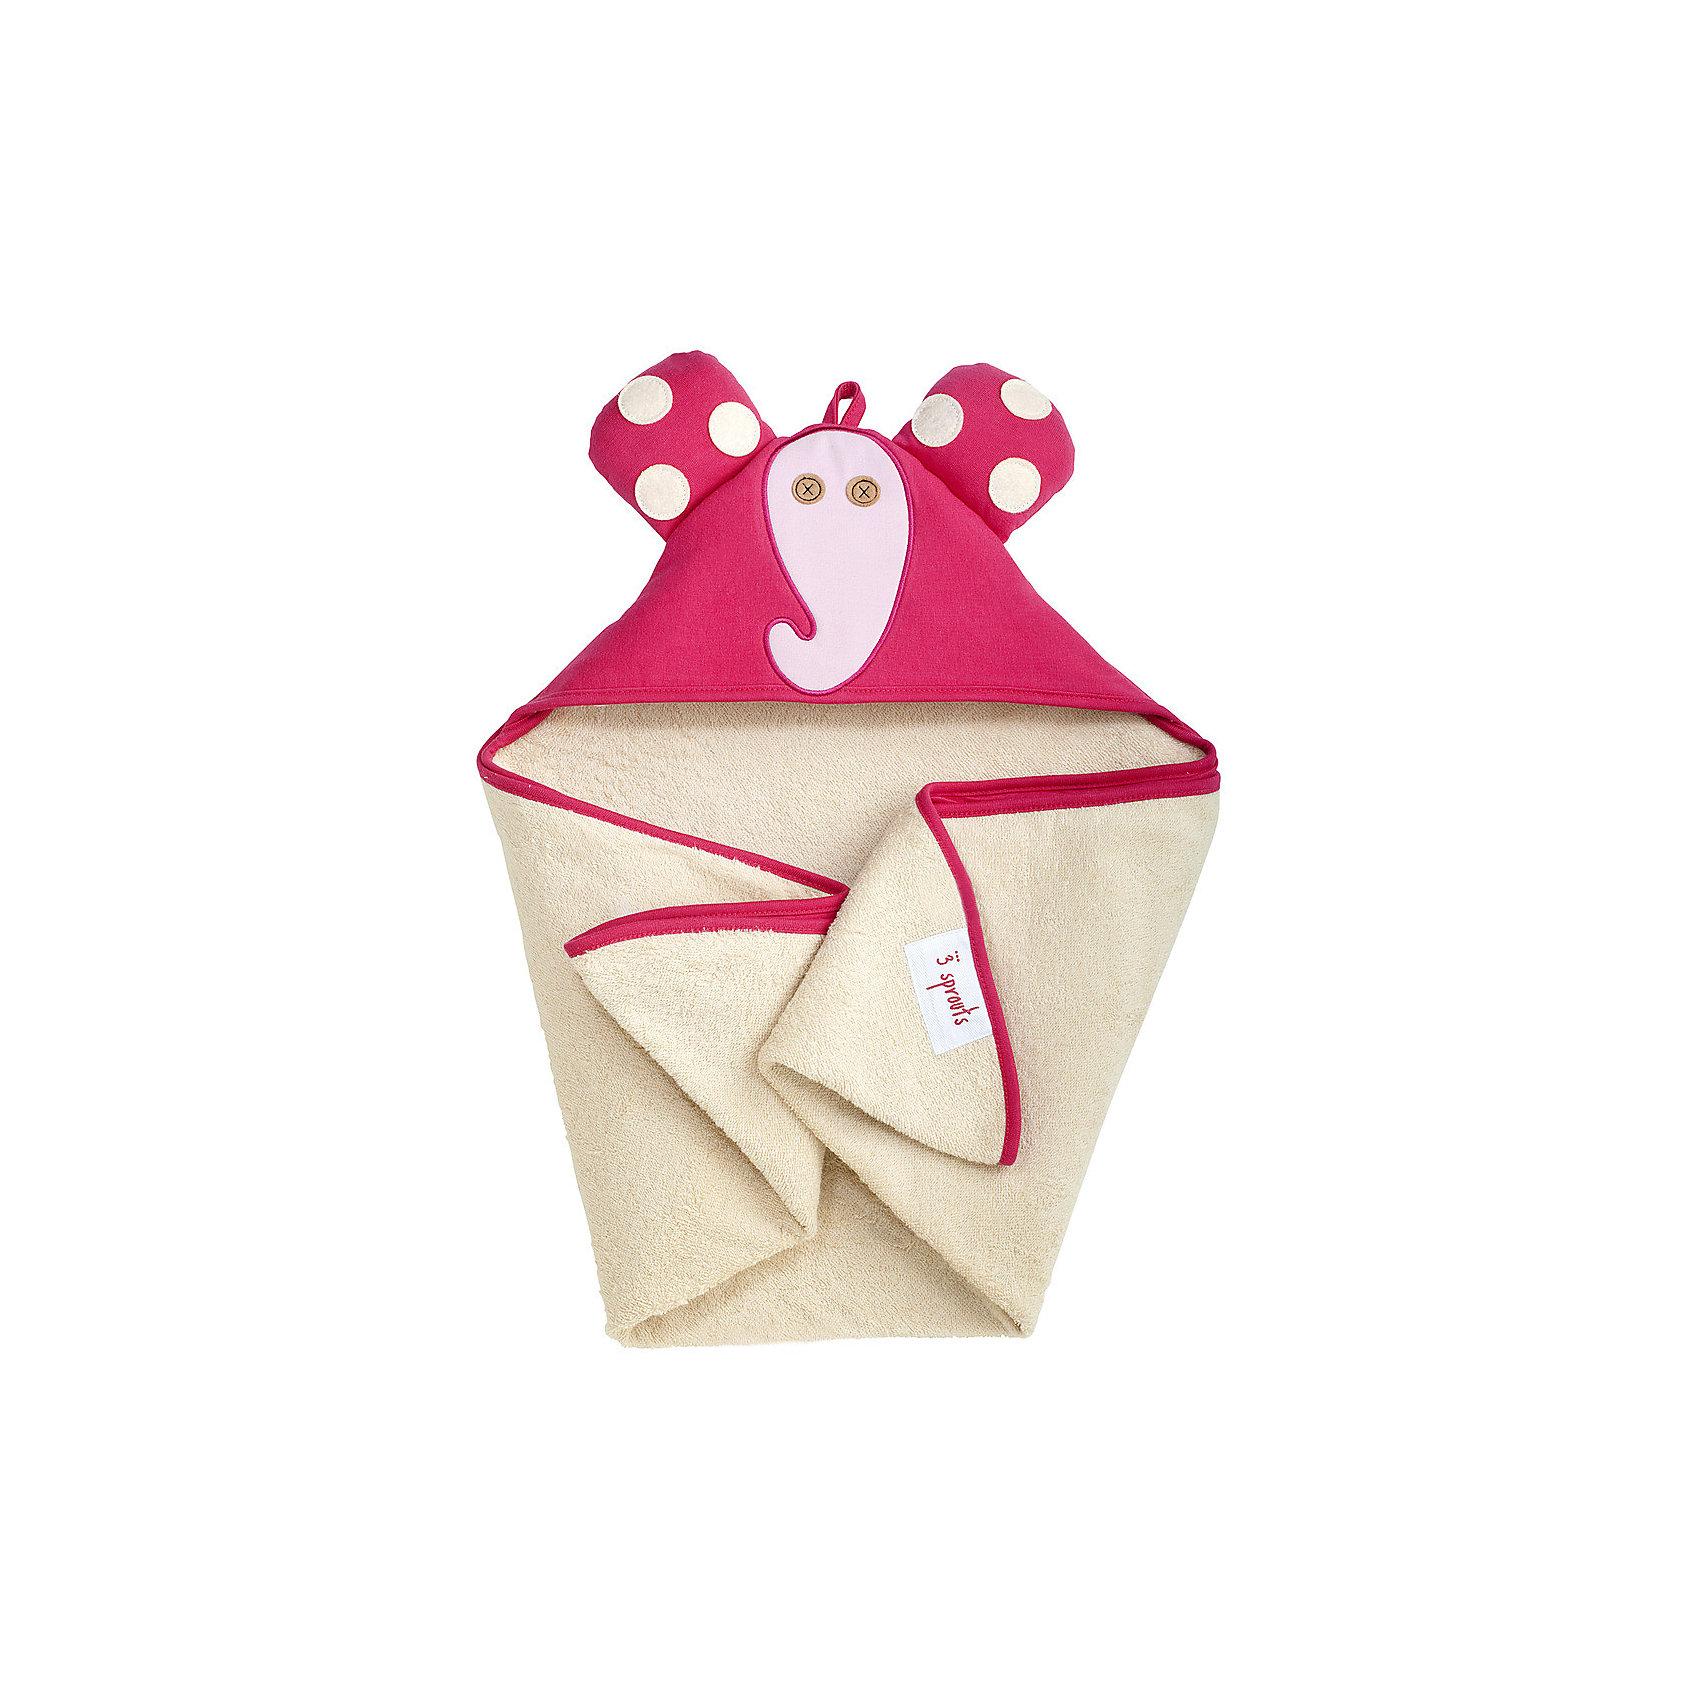 Полотенце с капюшоном Слоник (Pink Elephant), 3 SproutsПолотенца, мочалки, халаты<br>Милое полотенце для маленькой крохи. Махровое изнутри, а внешний слой изготовлен из 100% хлопка. <br><br>Дополнительная информация:<br><br>- Размер полотенца: 76х76 см.<br>- Материал: 100% хлопок снаружи, махровая ткань изнутри.<br>- Уход: деликатная стирка в холодной воде.<br><br>Купить полотенце с капюшоном Слоник (Pink Elephant), можно в нашем магазине.<br><br>Ширина мм: 260<br>Глубина мм: 20<br>Высота мм: 330<br>Вес г: 402<br>Возраст от месяцев: 0<br>Возраст до месяцев: 18<br>Пол: Унисекс<br>Возраст: Детский<br>SKU: 5098198